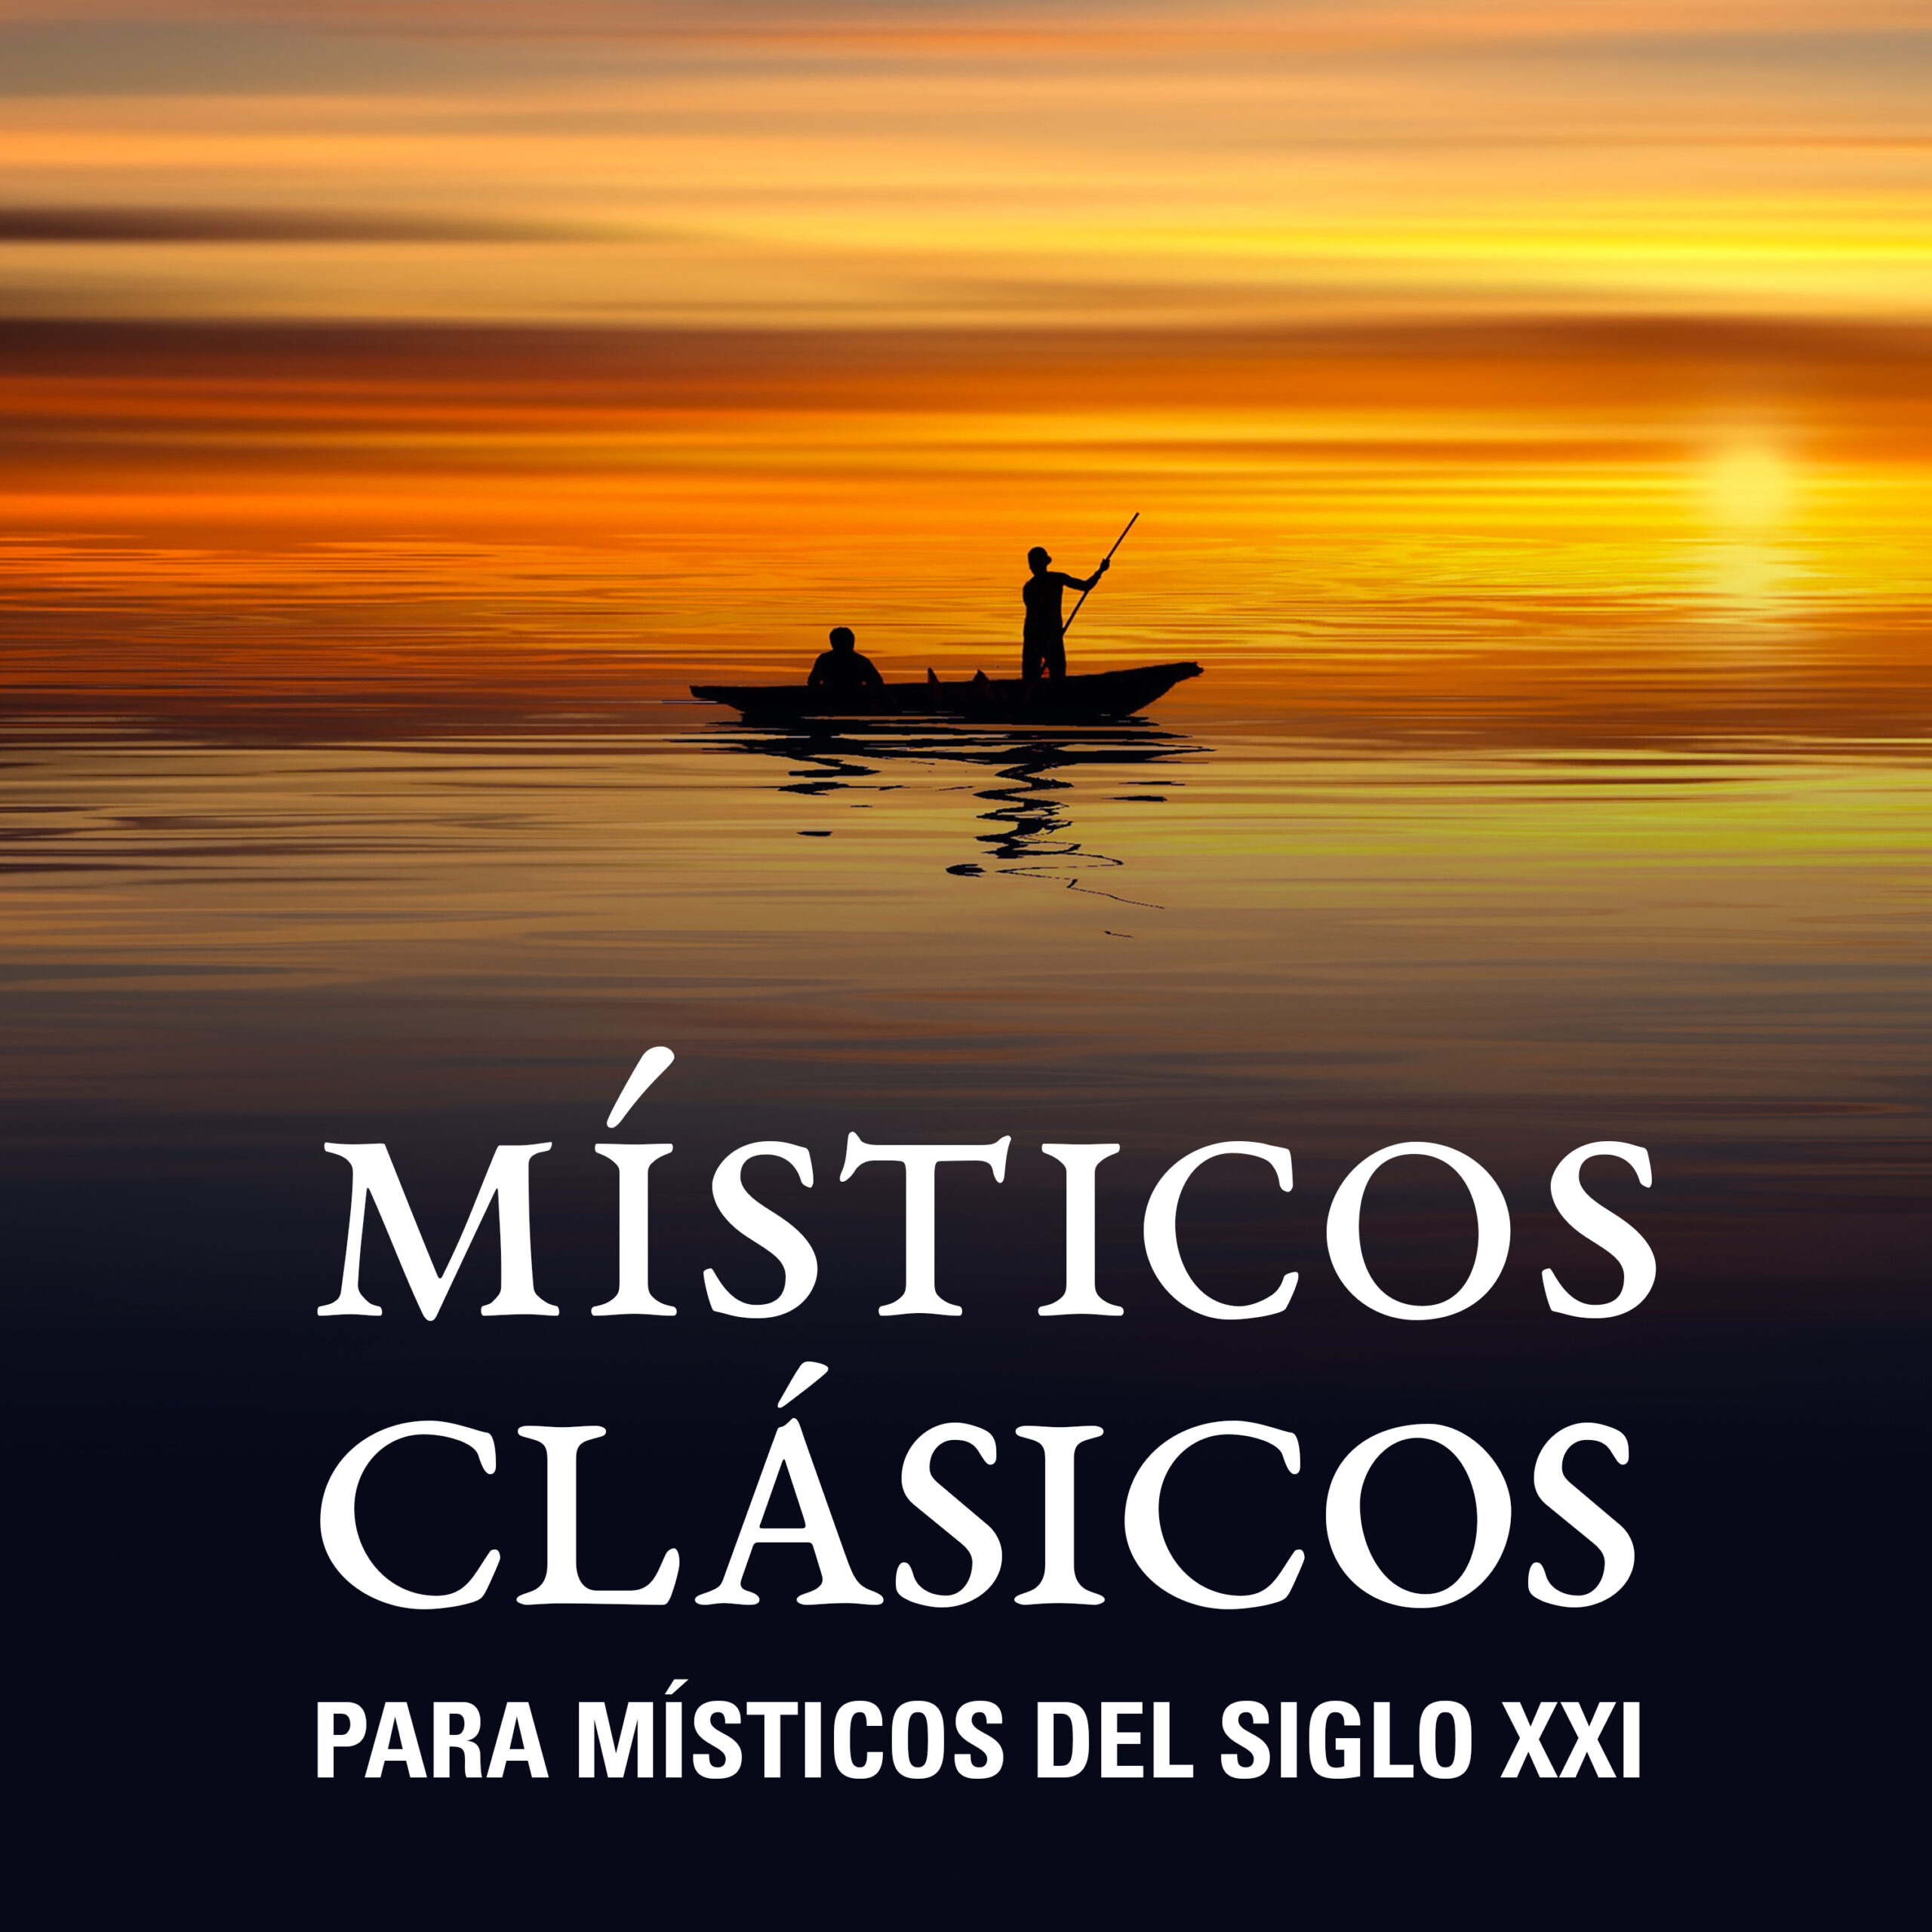 Capitulo 2 - Mística | ¿Qué es la mística y su relación con la ascética? | Místicos clásicos para místicos del s. xxi